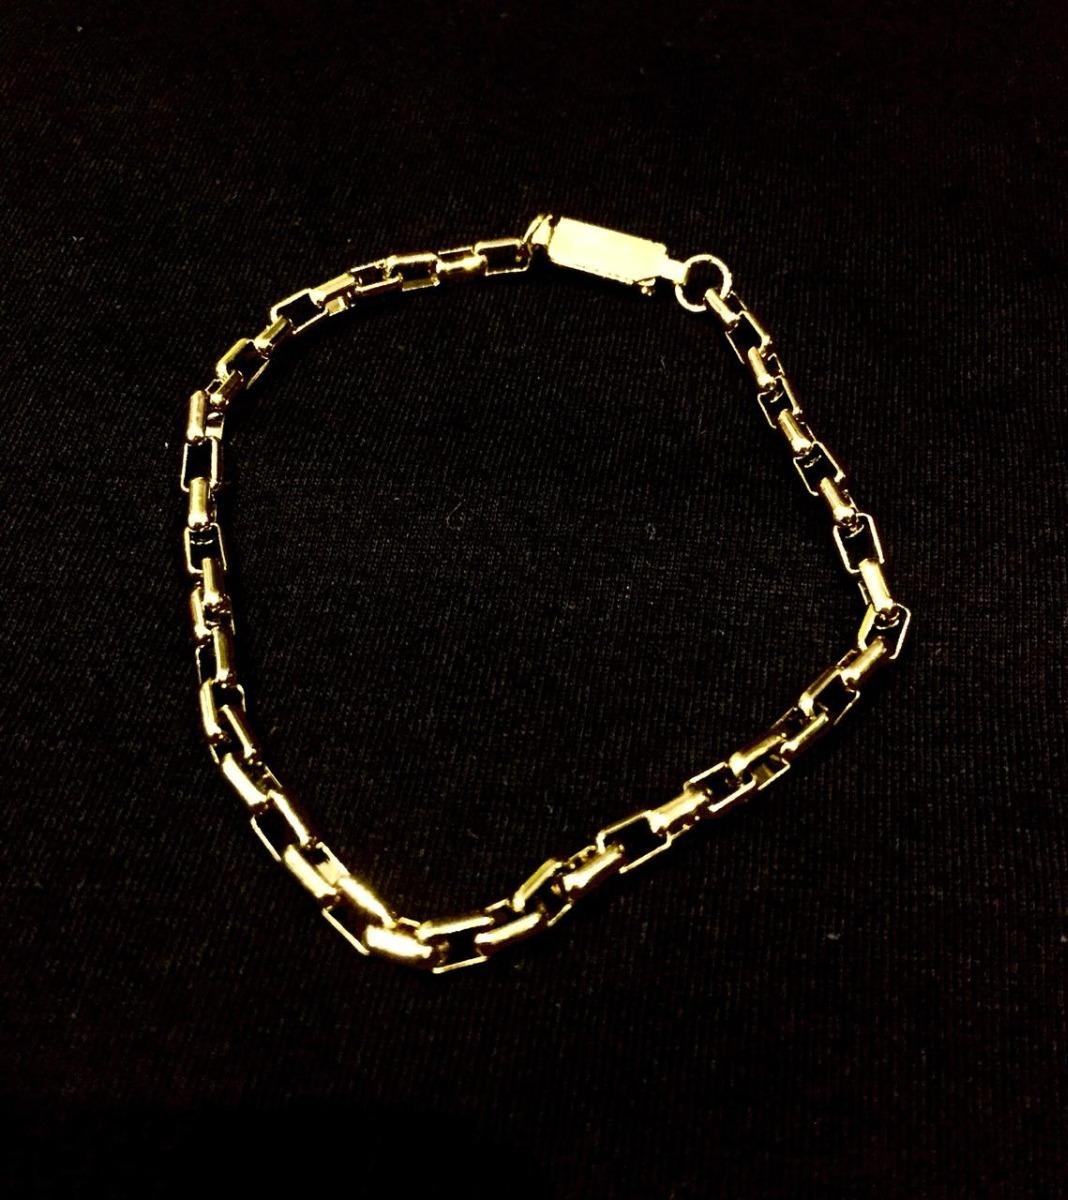 b3086a78a4f pulseira masculino elo quadrado cartier folheado a ouro. Carregando zoom.